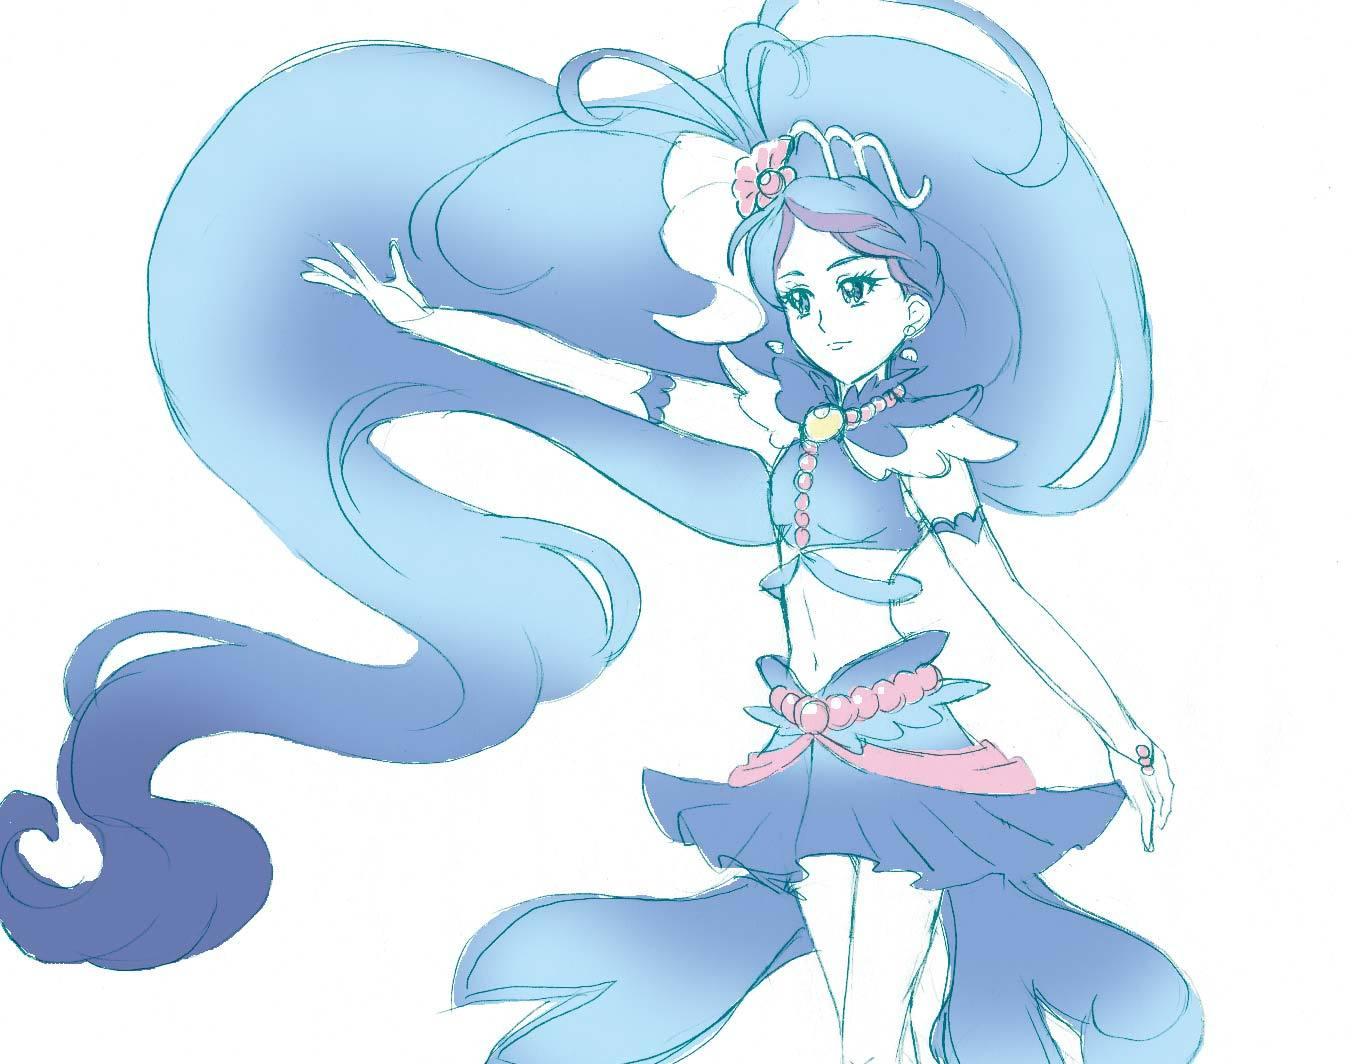 mermaid01.jpg